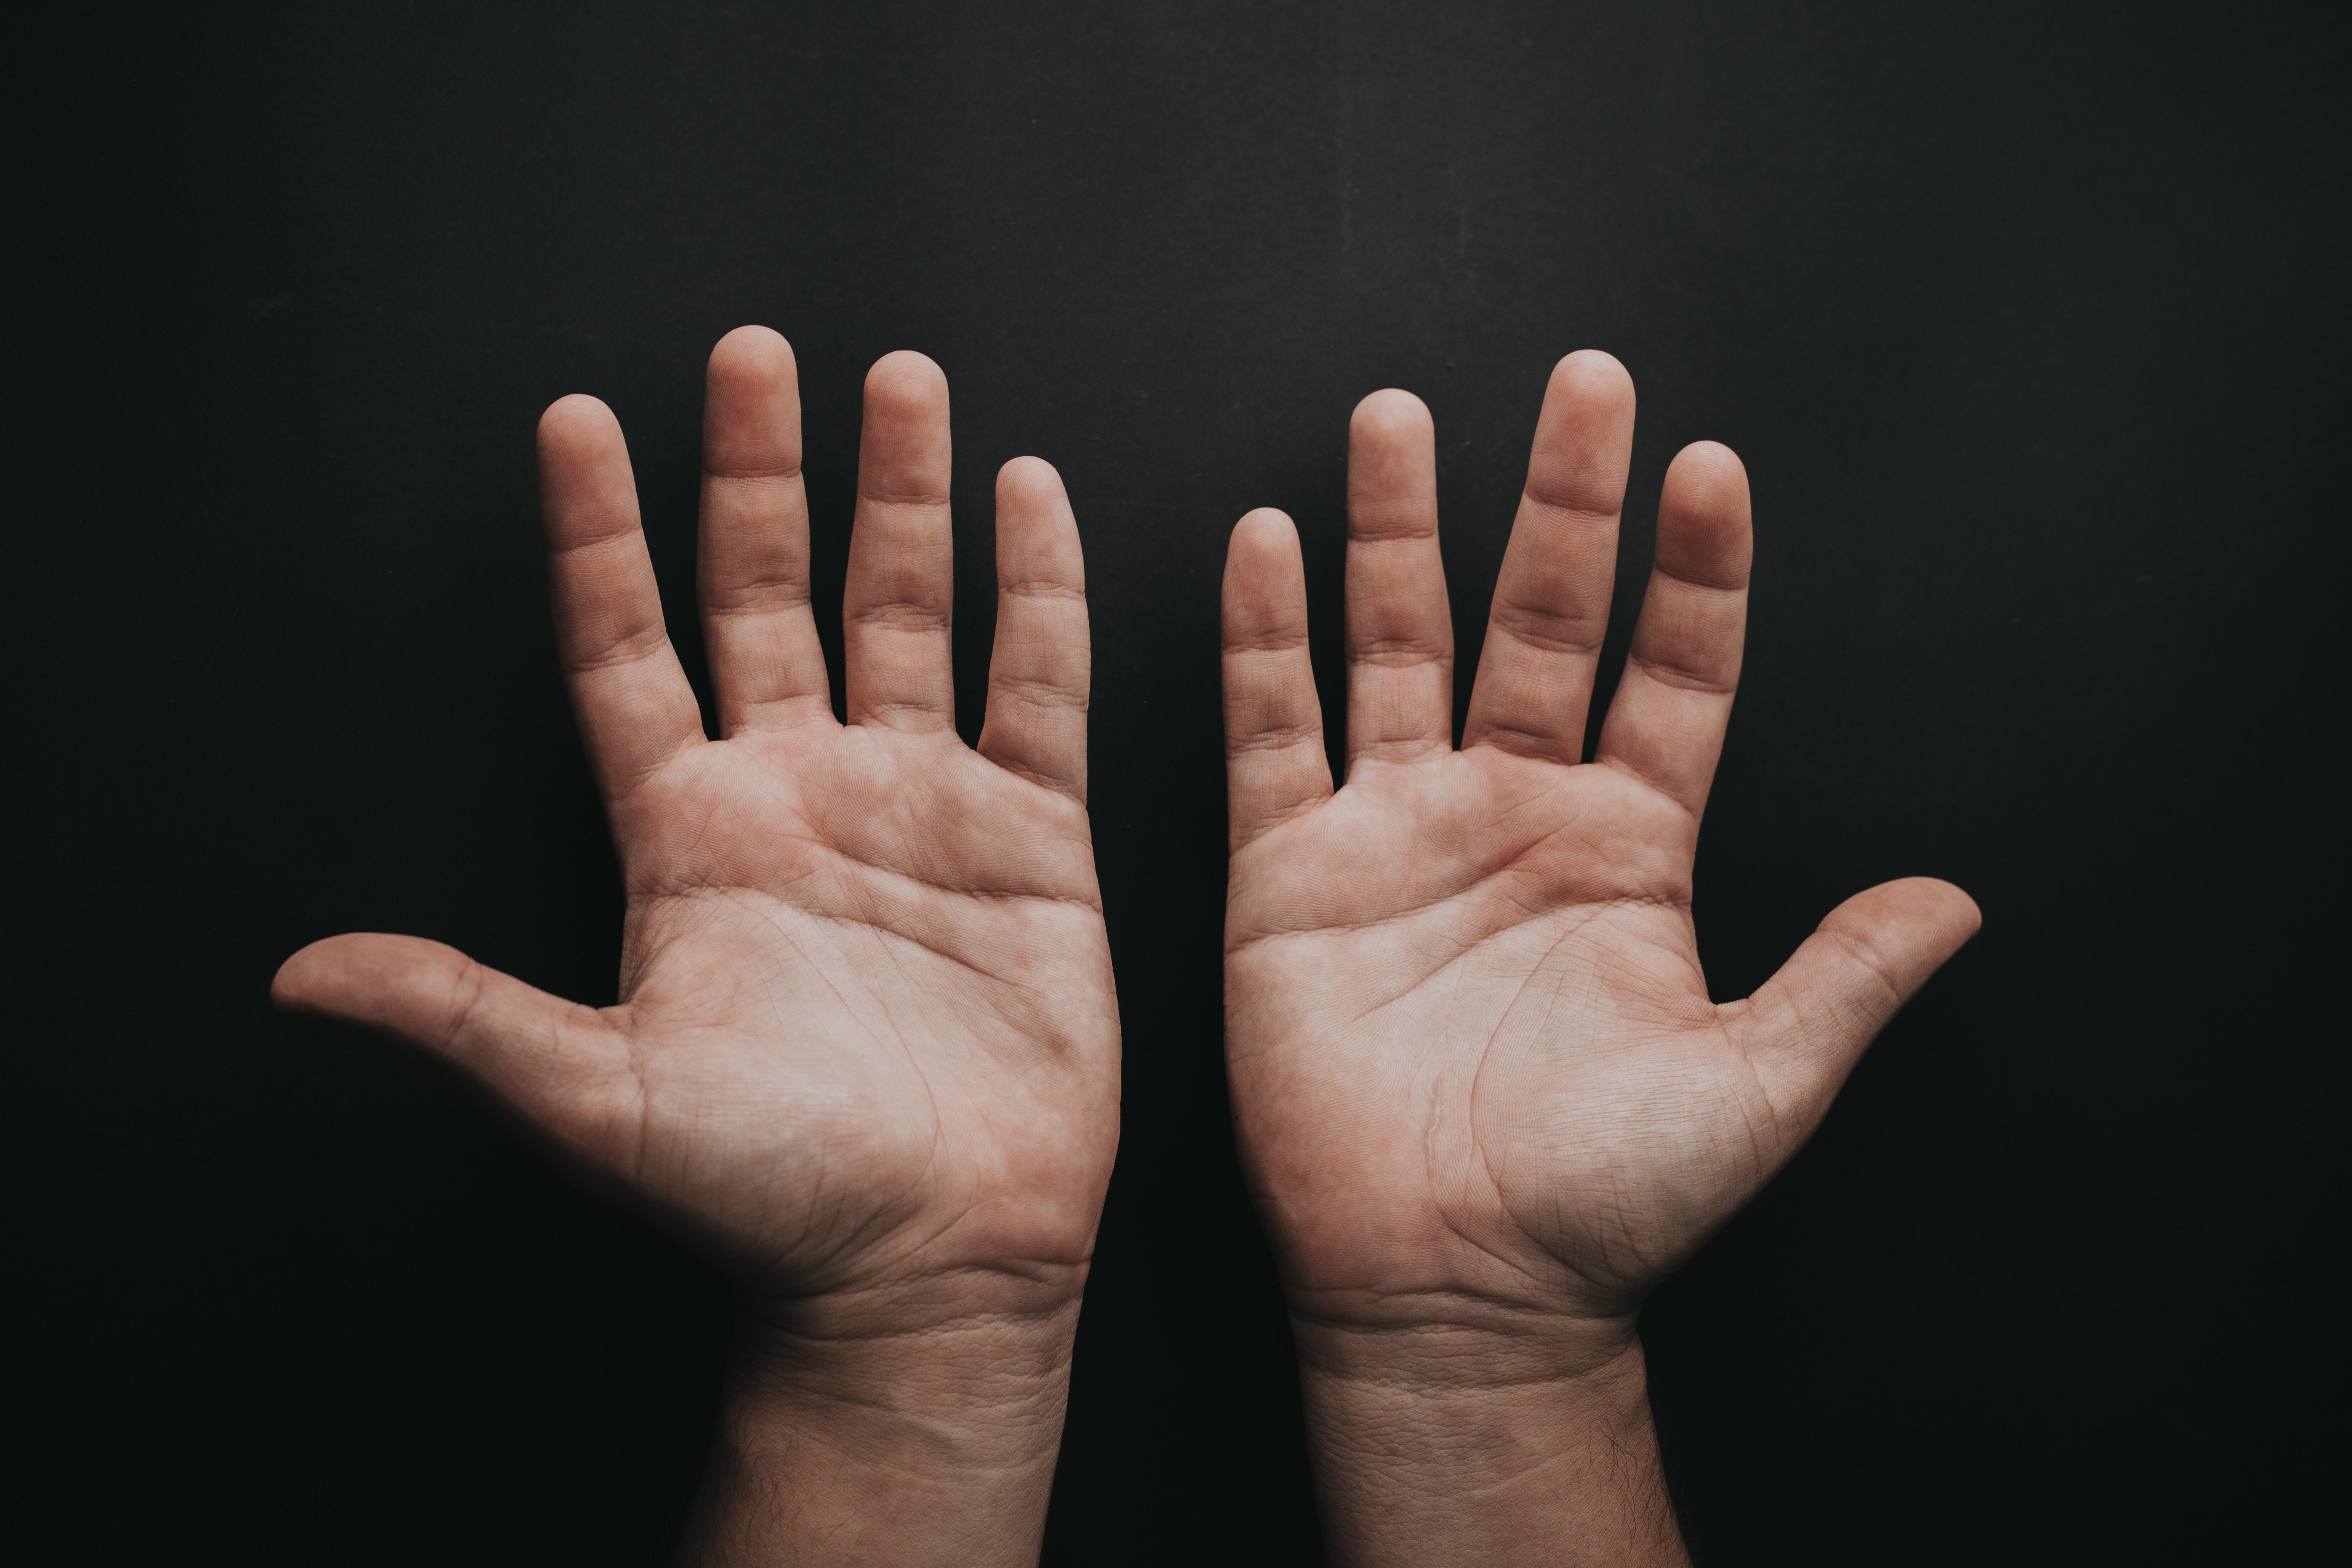 手相占いの左右対称について徹底解説 手相の左右対称の見方のポイントをまとめました